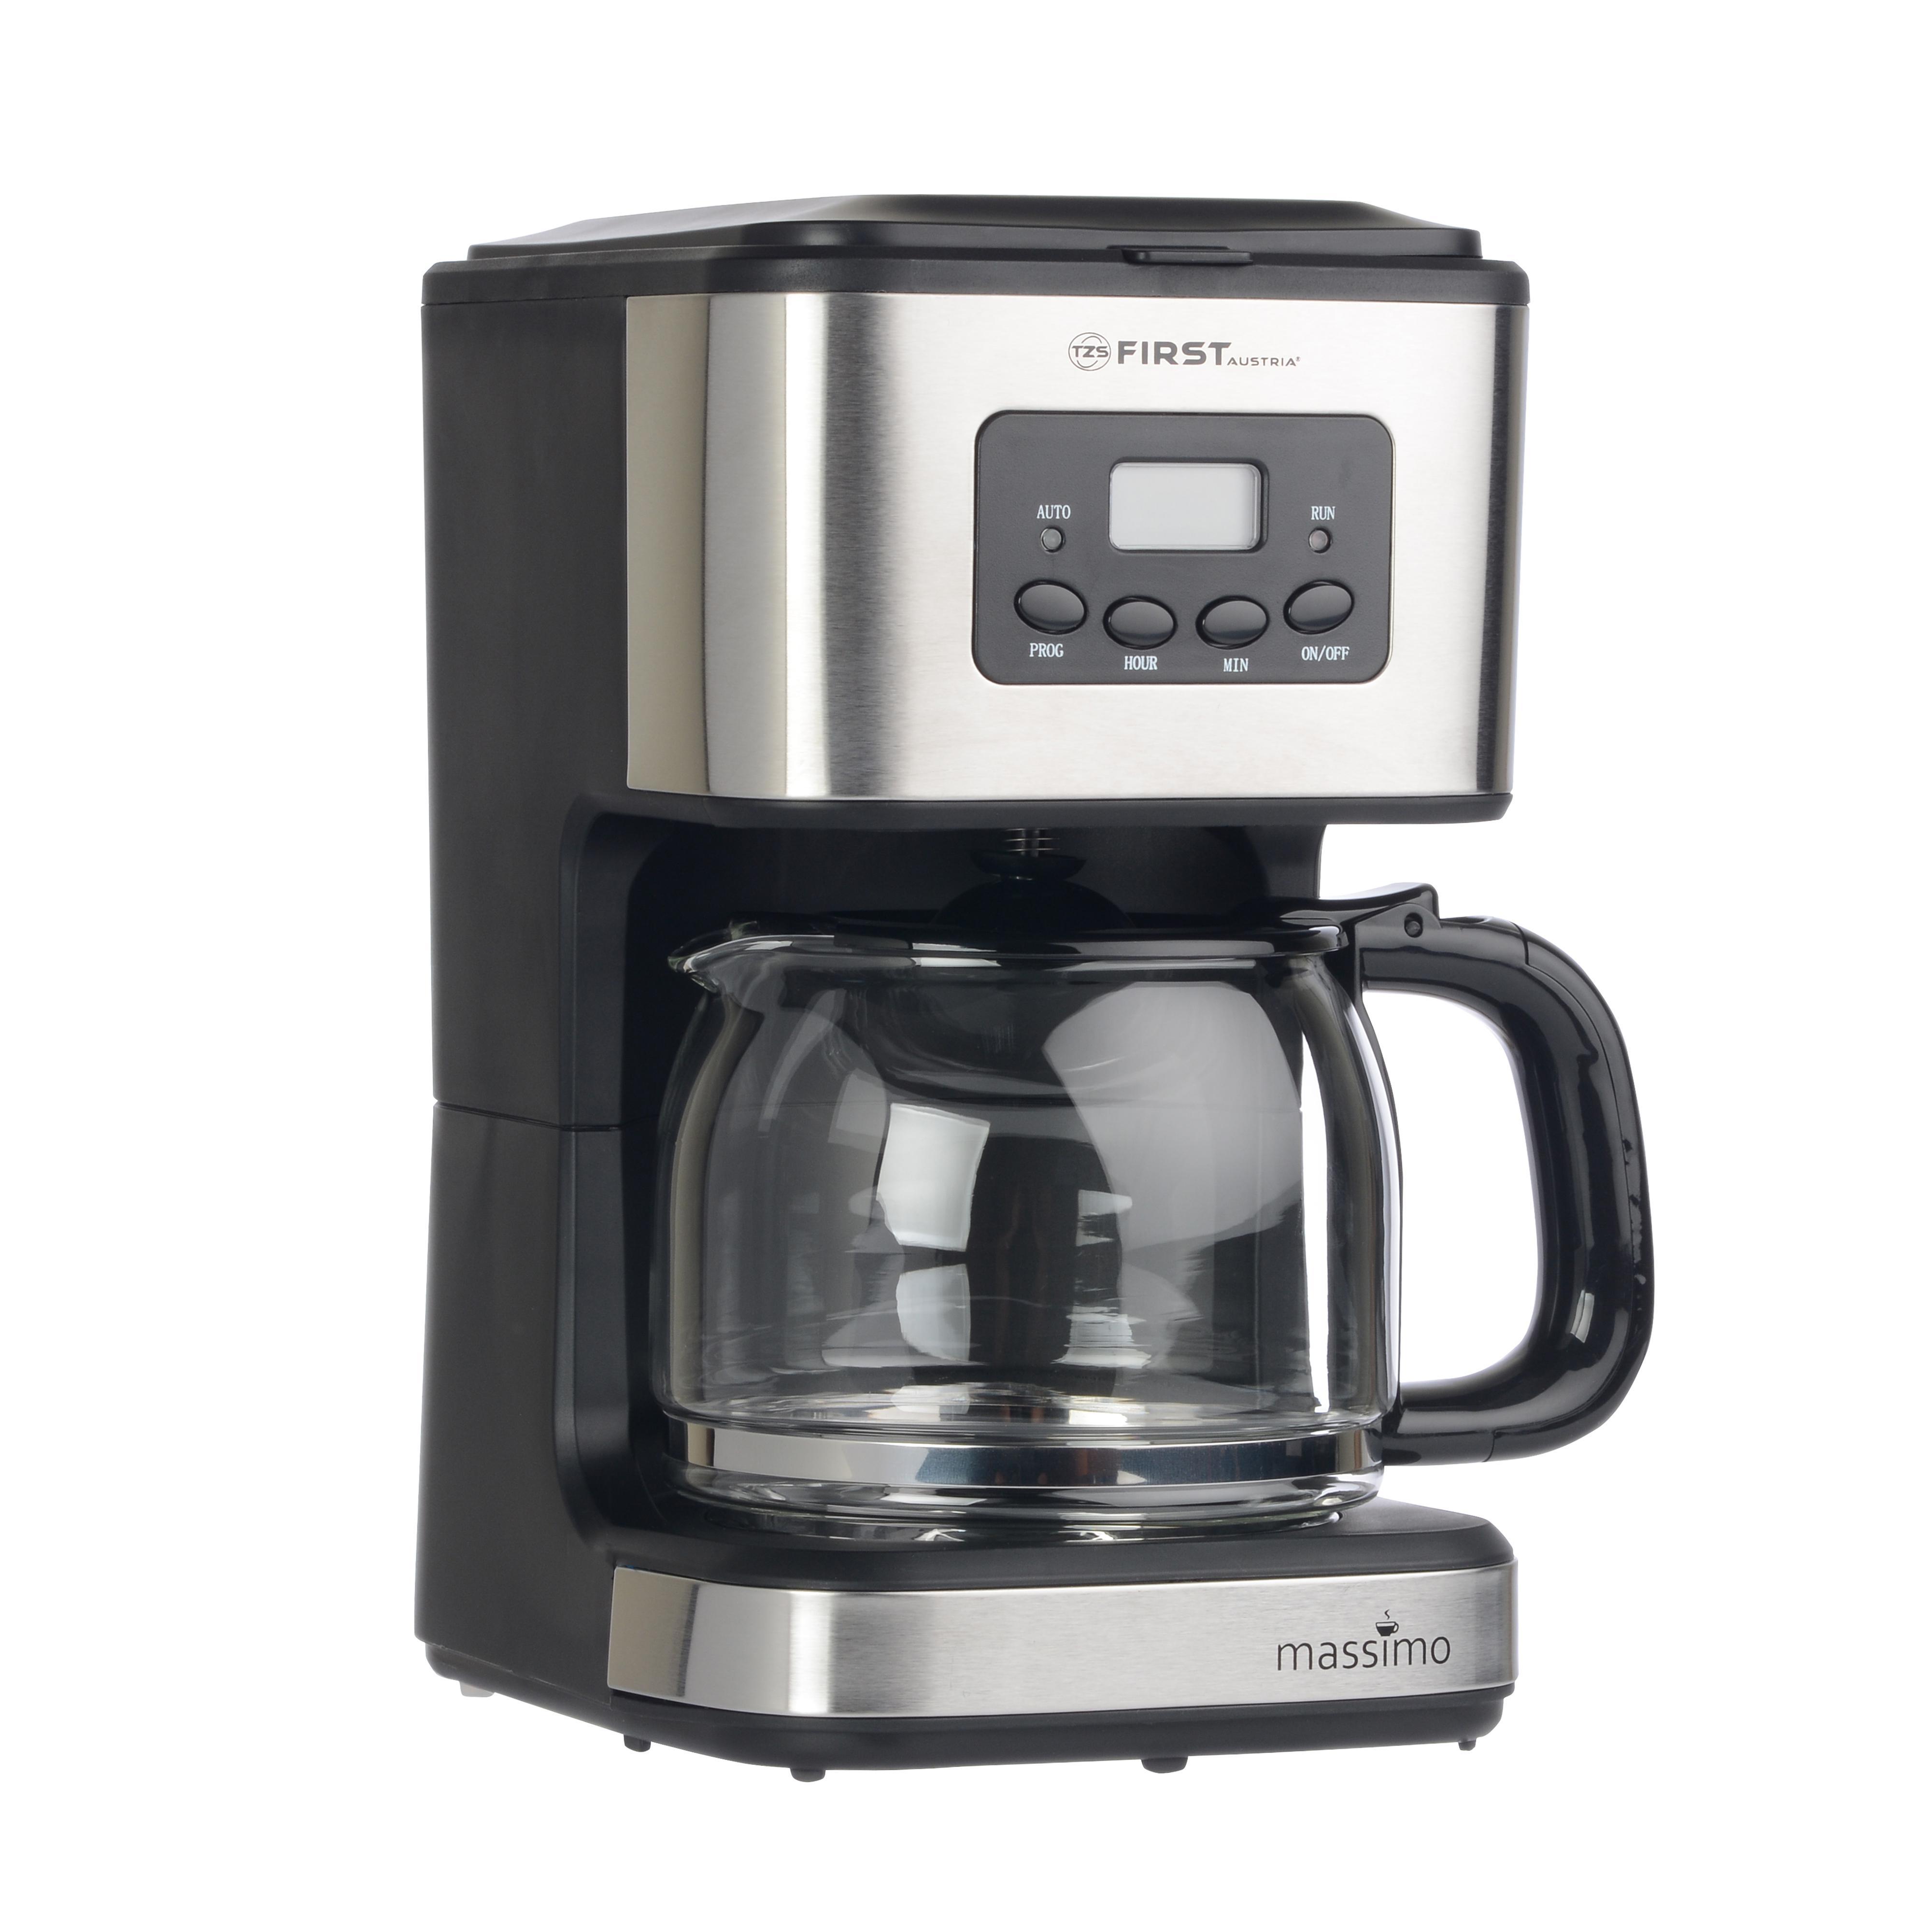 Кофеварка First Fa-5476-1 black кофеварка рожковая redmond rcm 1502